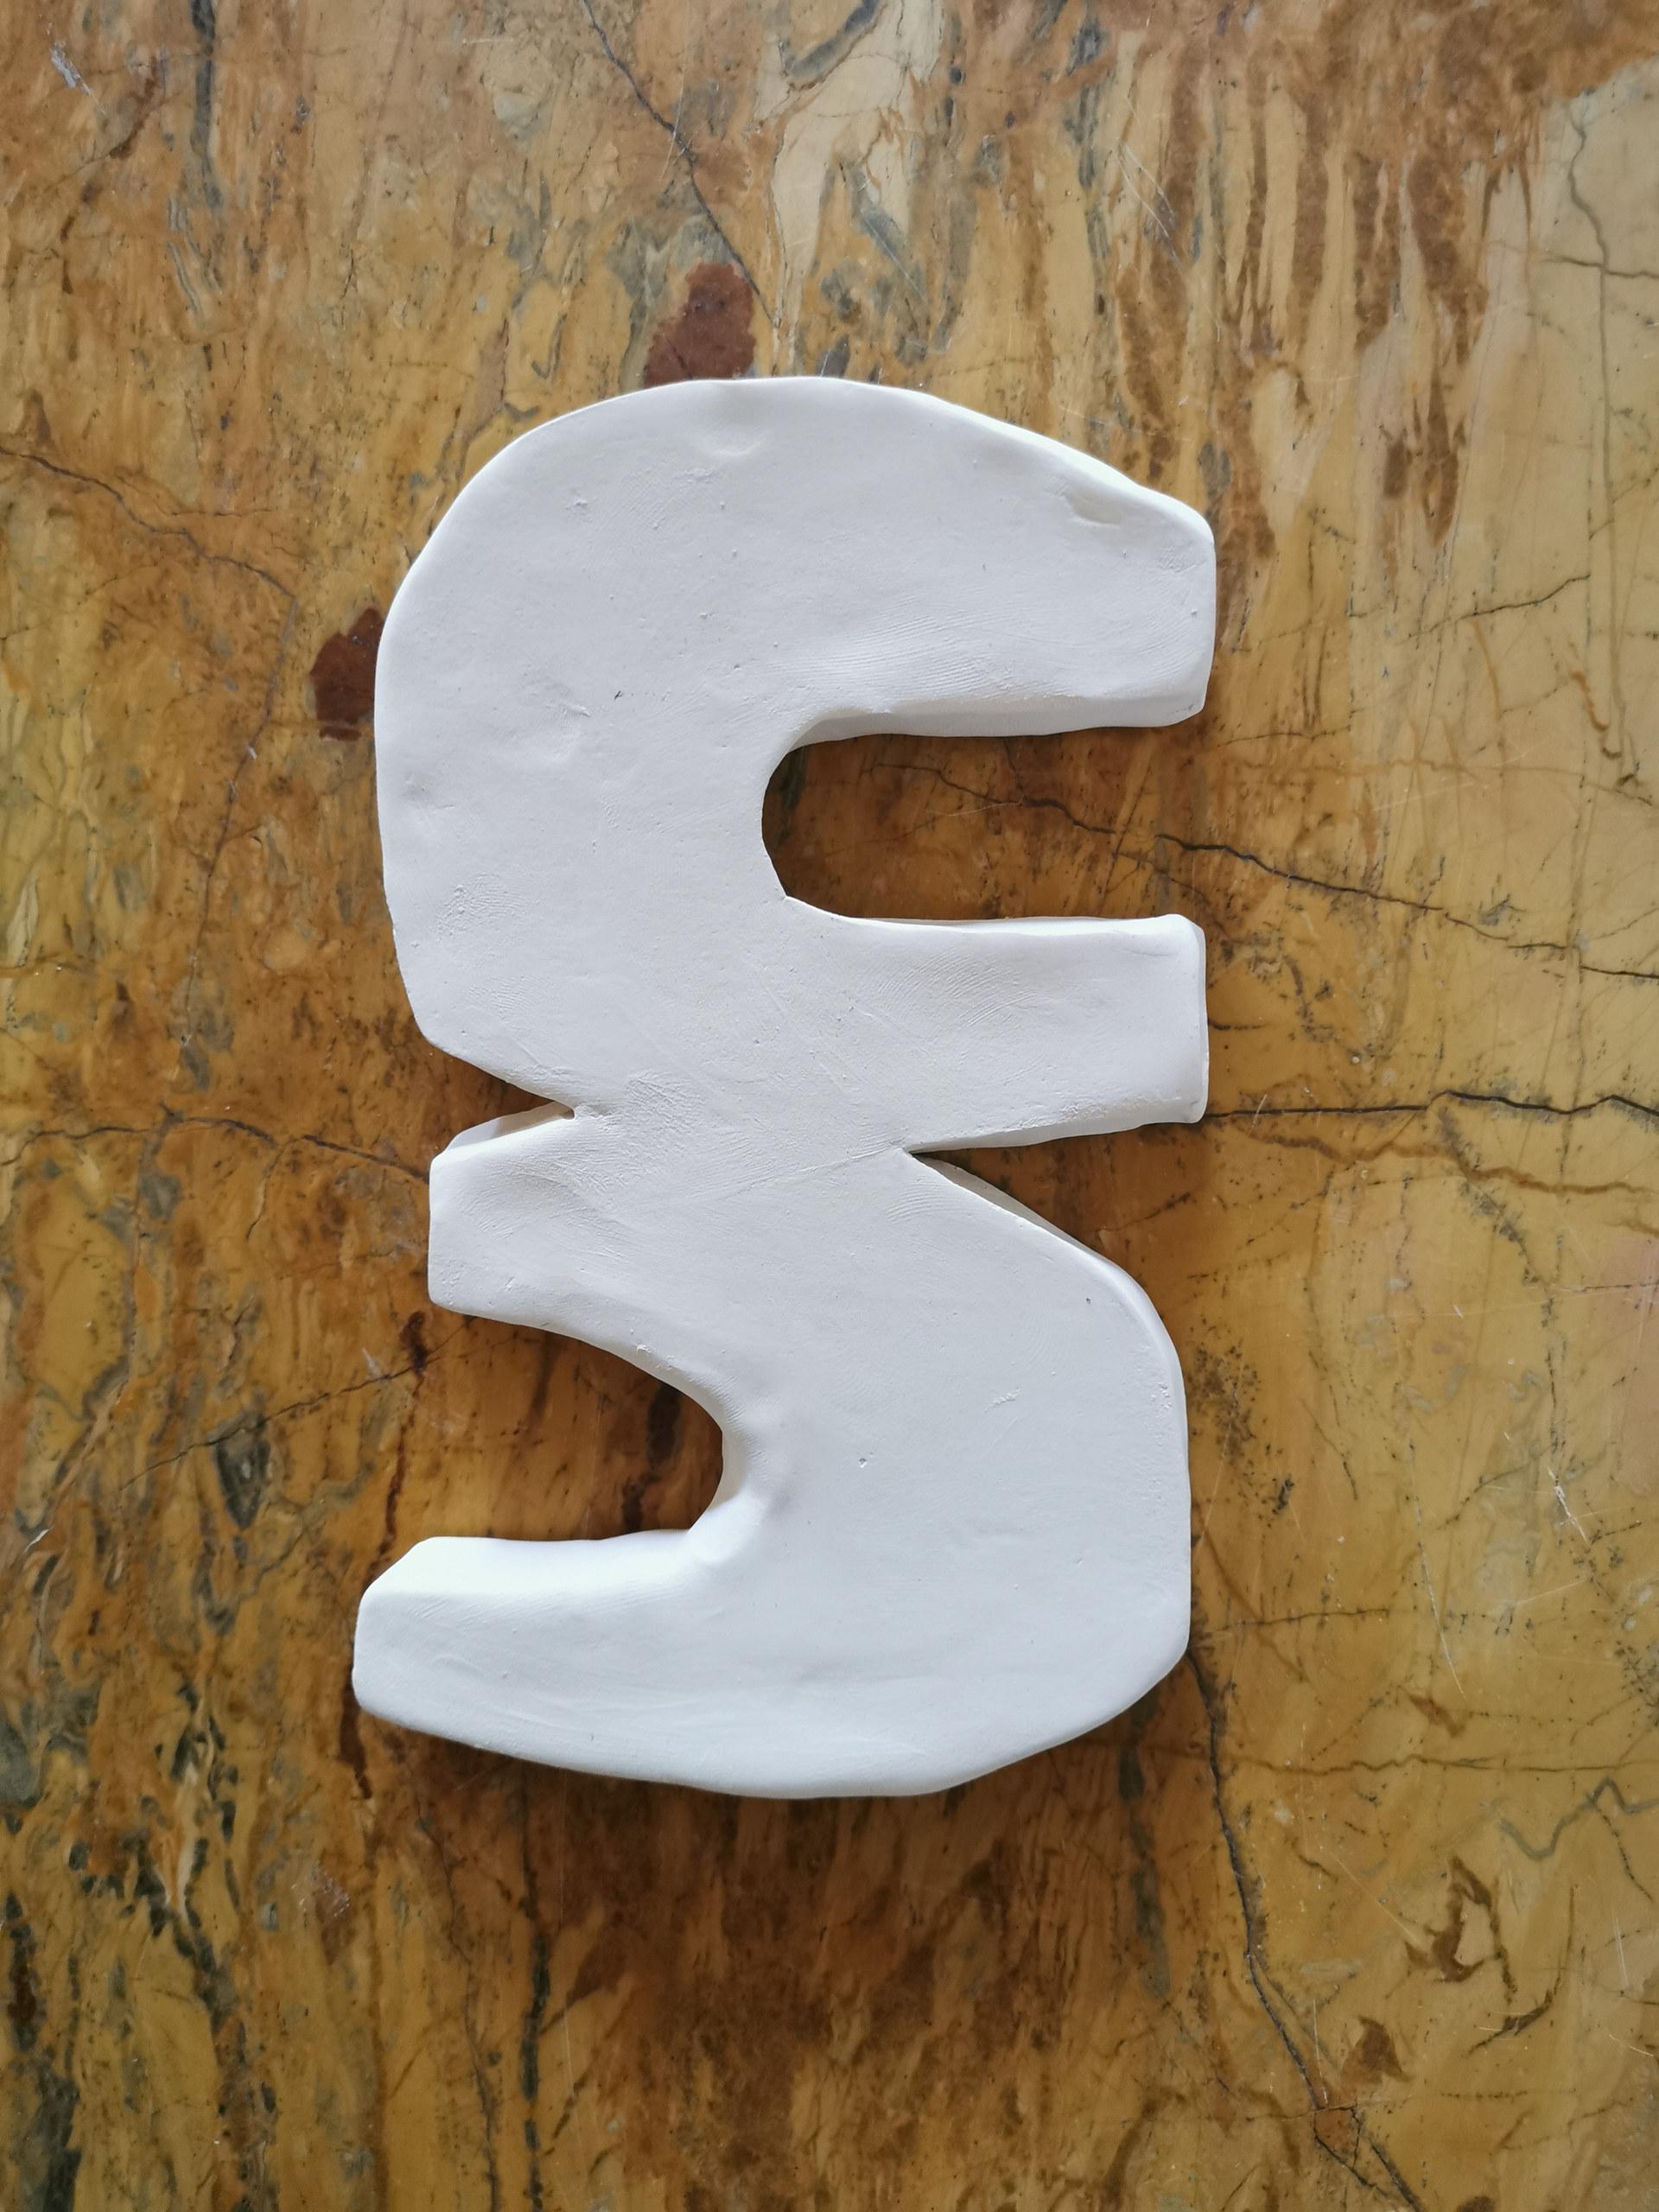 Forme fertile #2, 2020, faience blanche, 18x11 cm